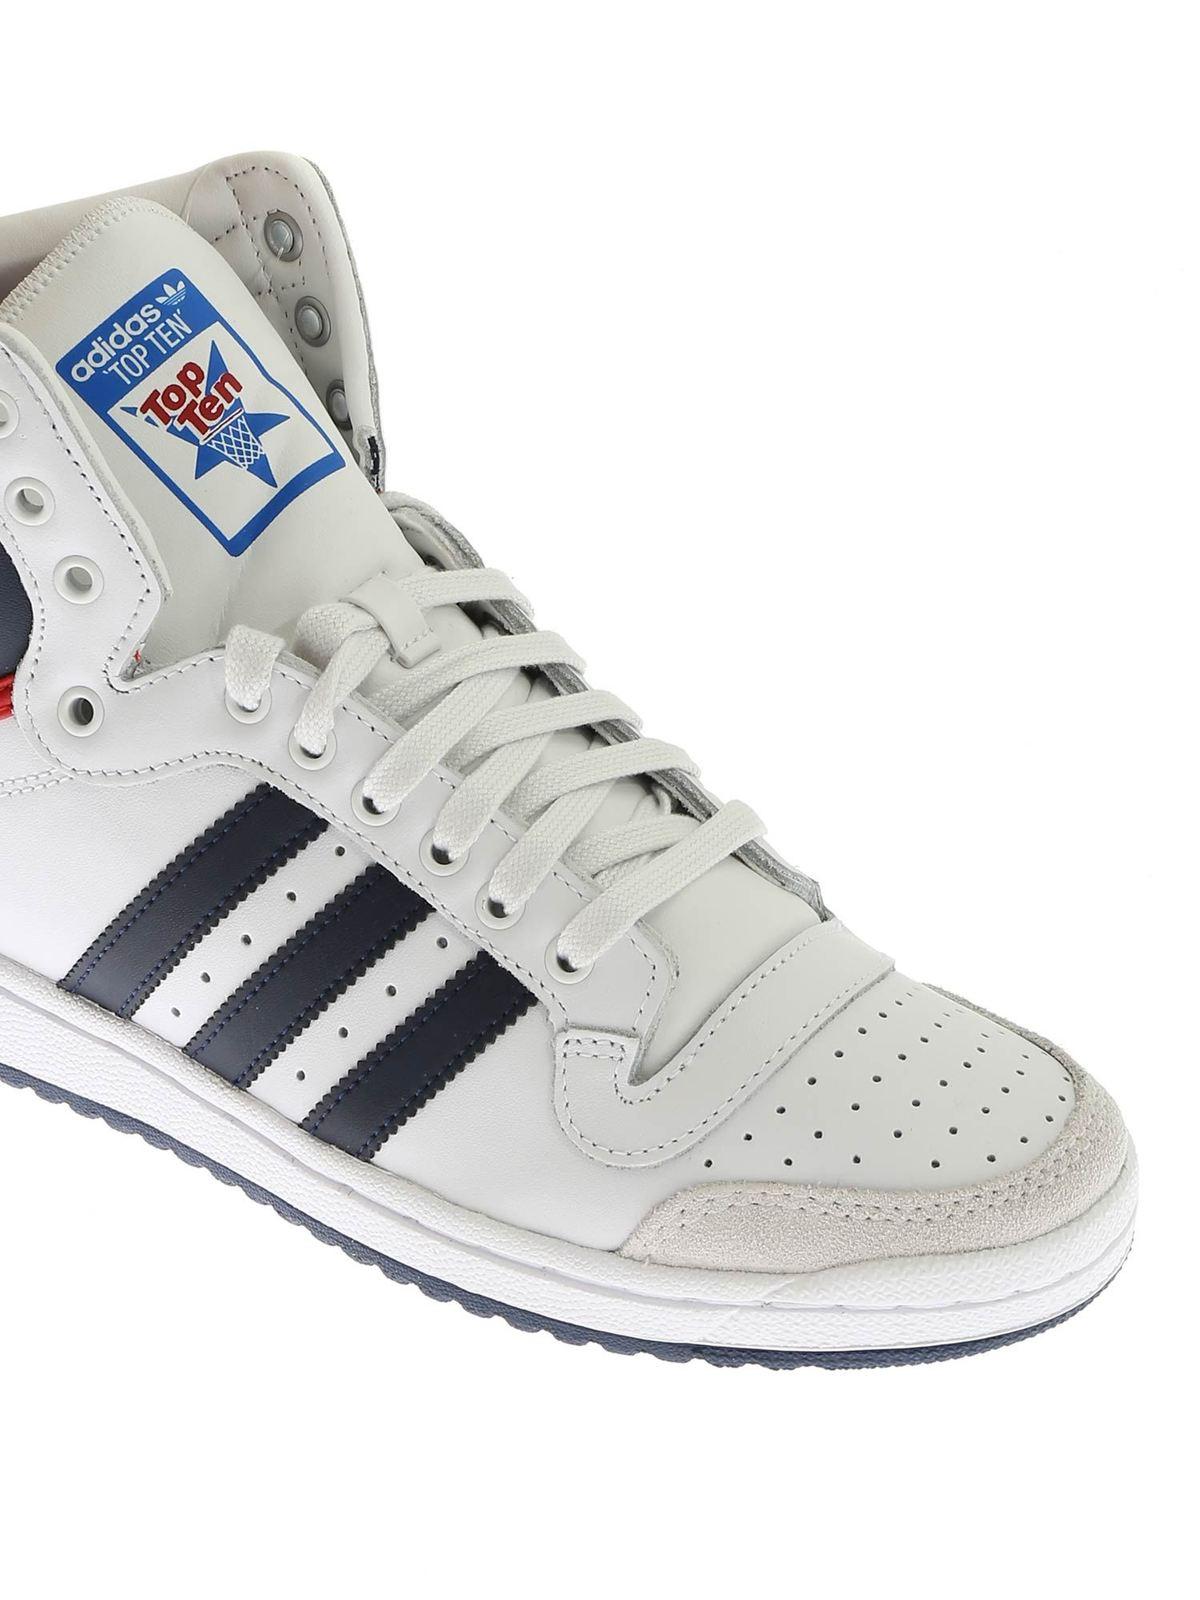 Adidas Originals Sneakers Top Ten Hi bianche sneakers